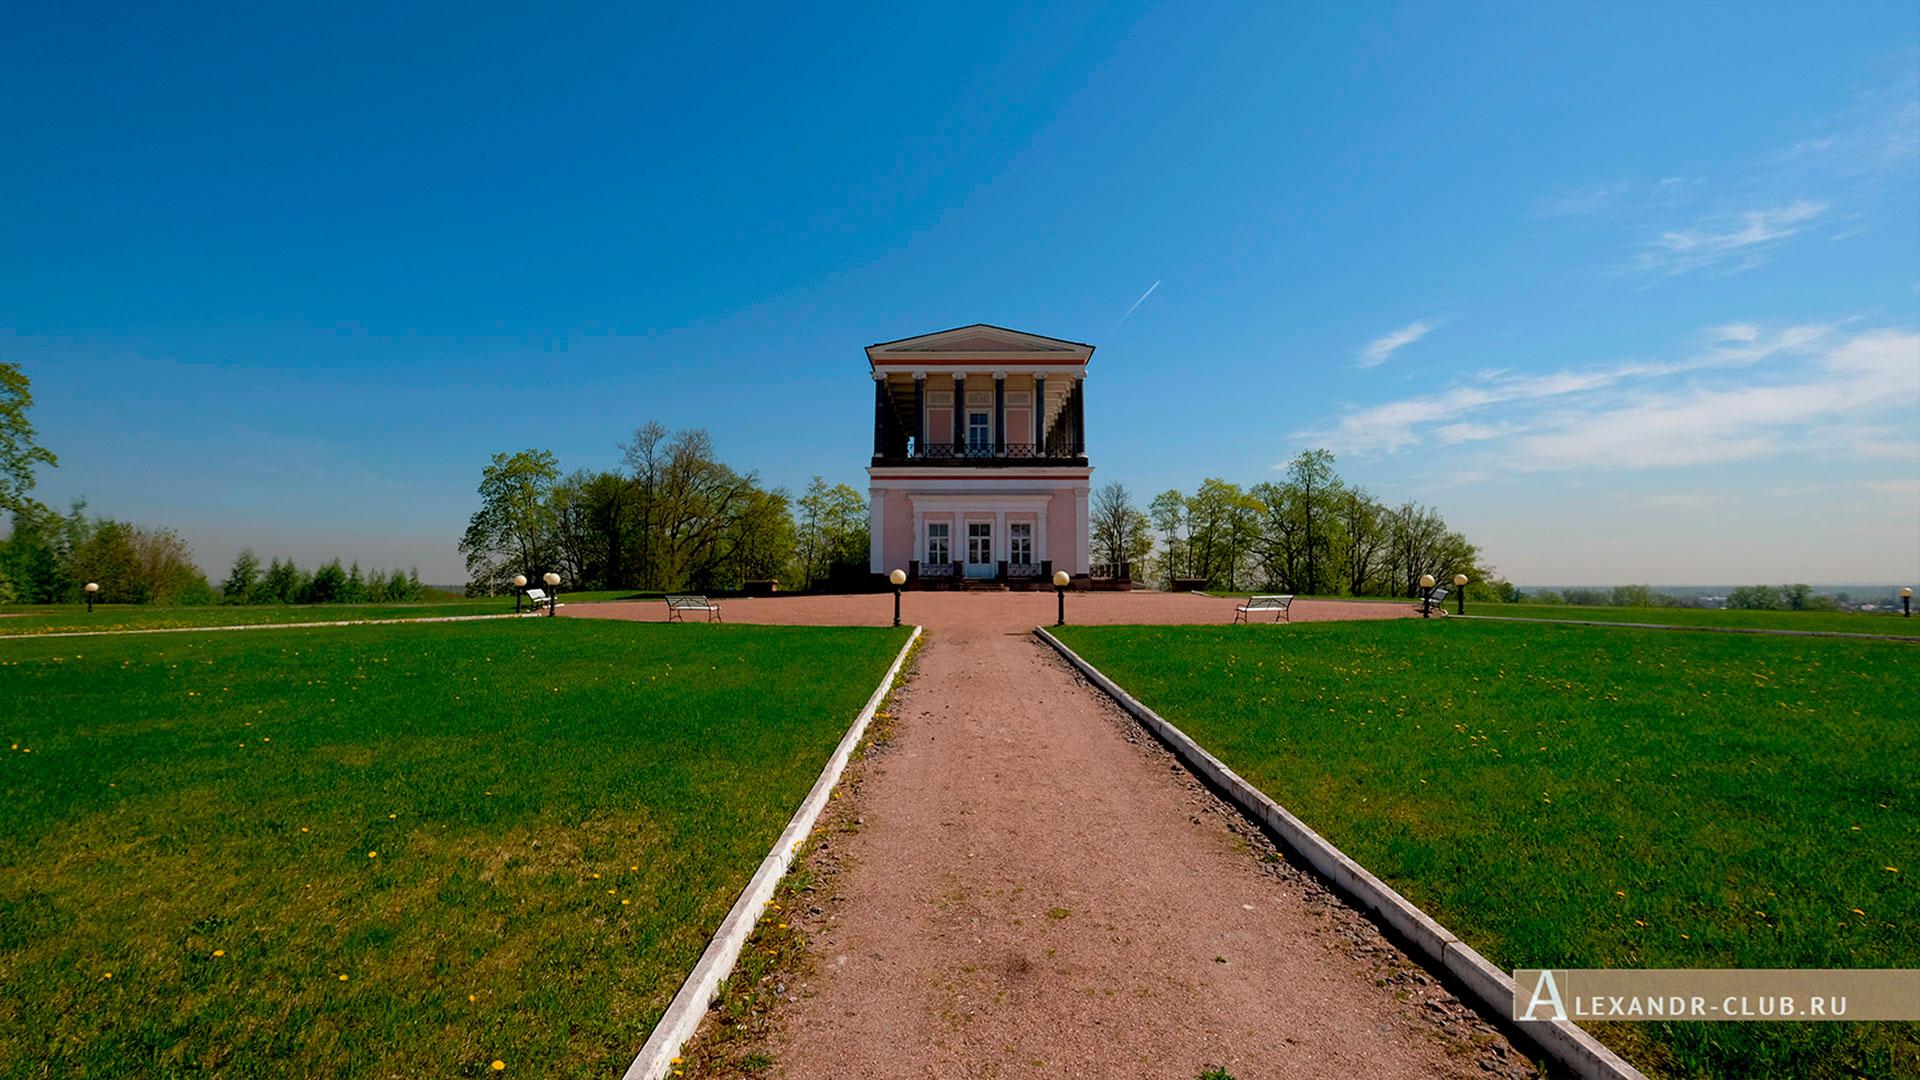 Петергоф, Луговой парк, весна, дворец Бельведер – 2